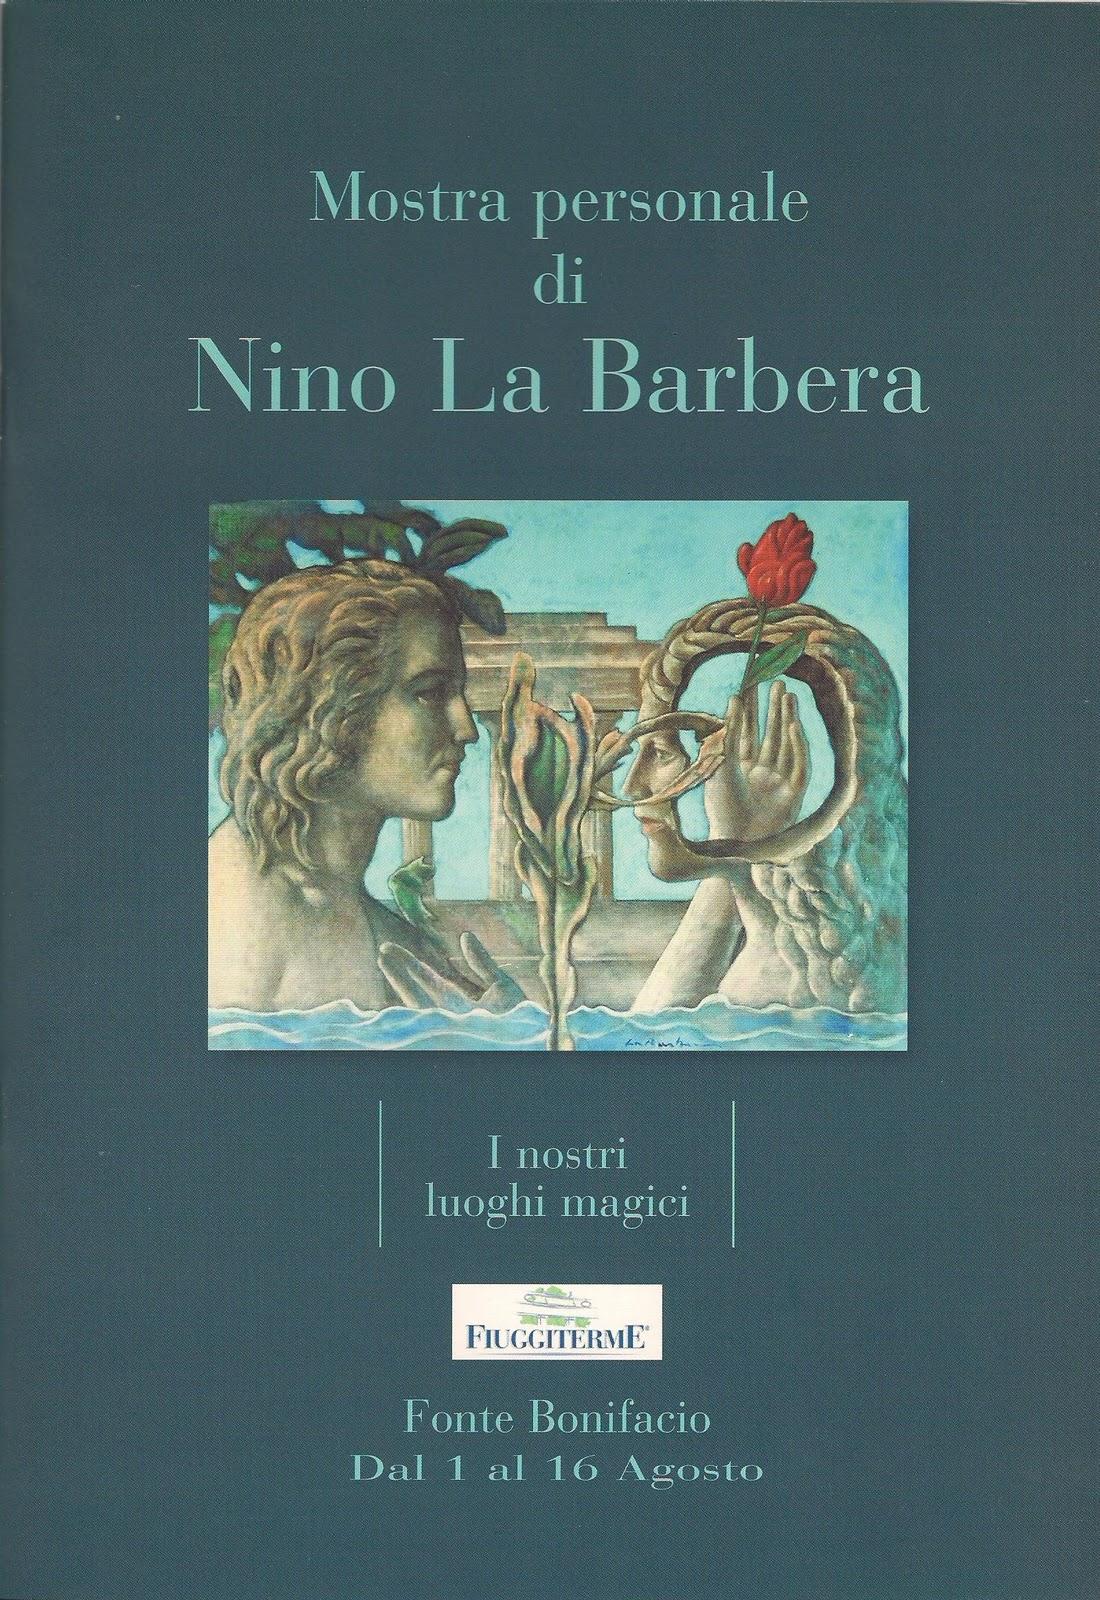 Nino La Barbera. Autoritratto della Natura attraverso l'artista, elaboratore di forme